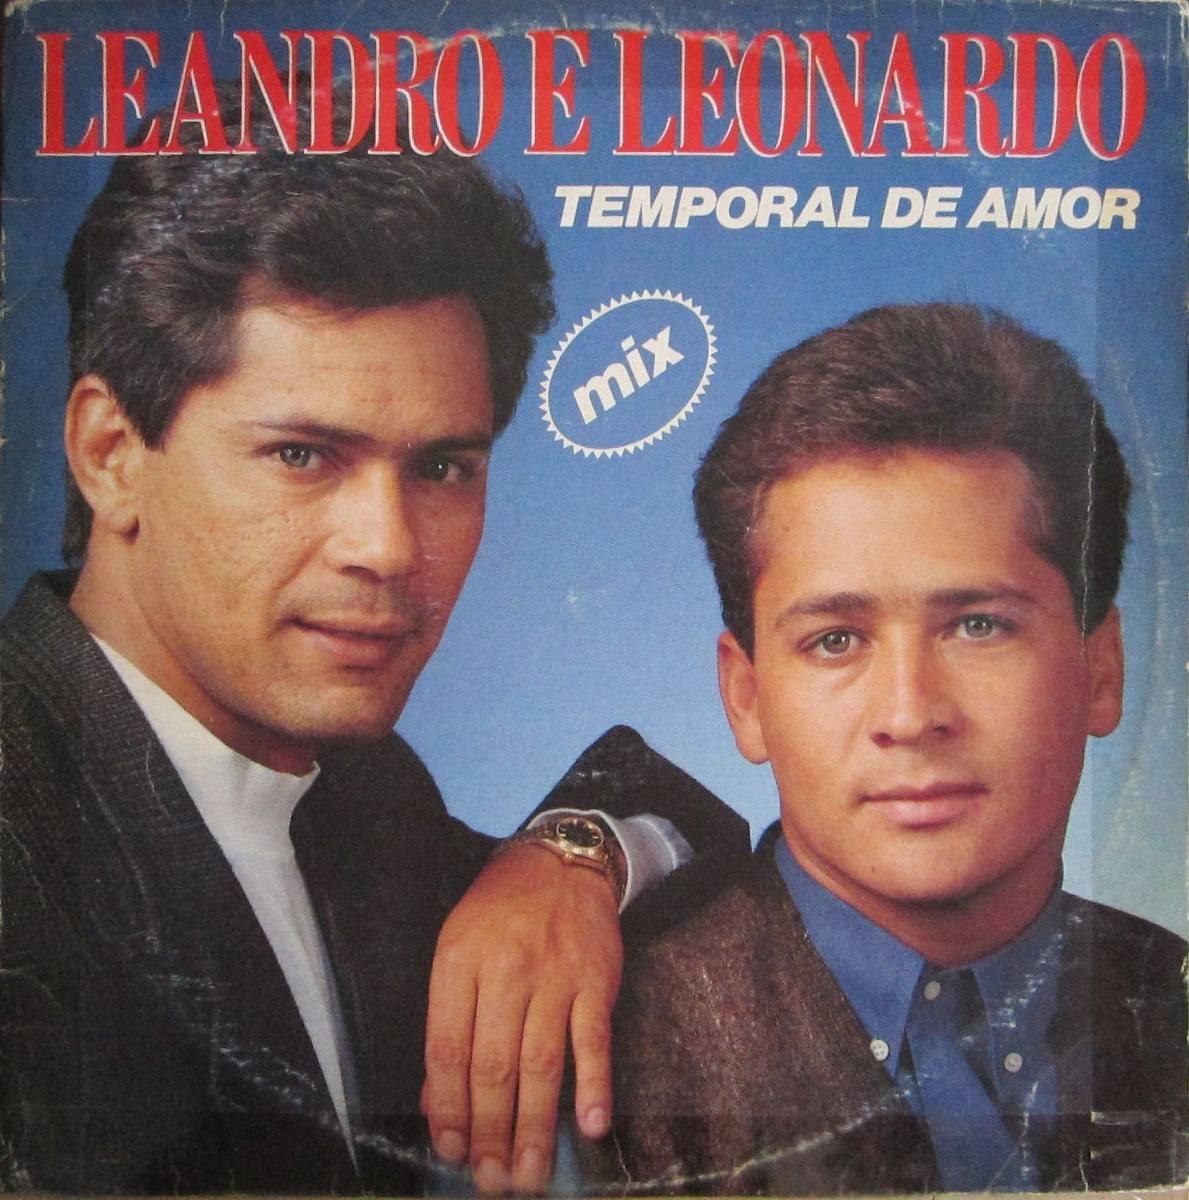 leandro e leonardo mp3 download